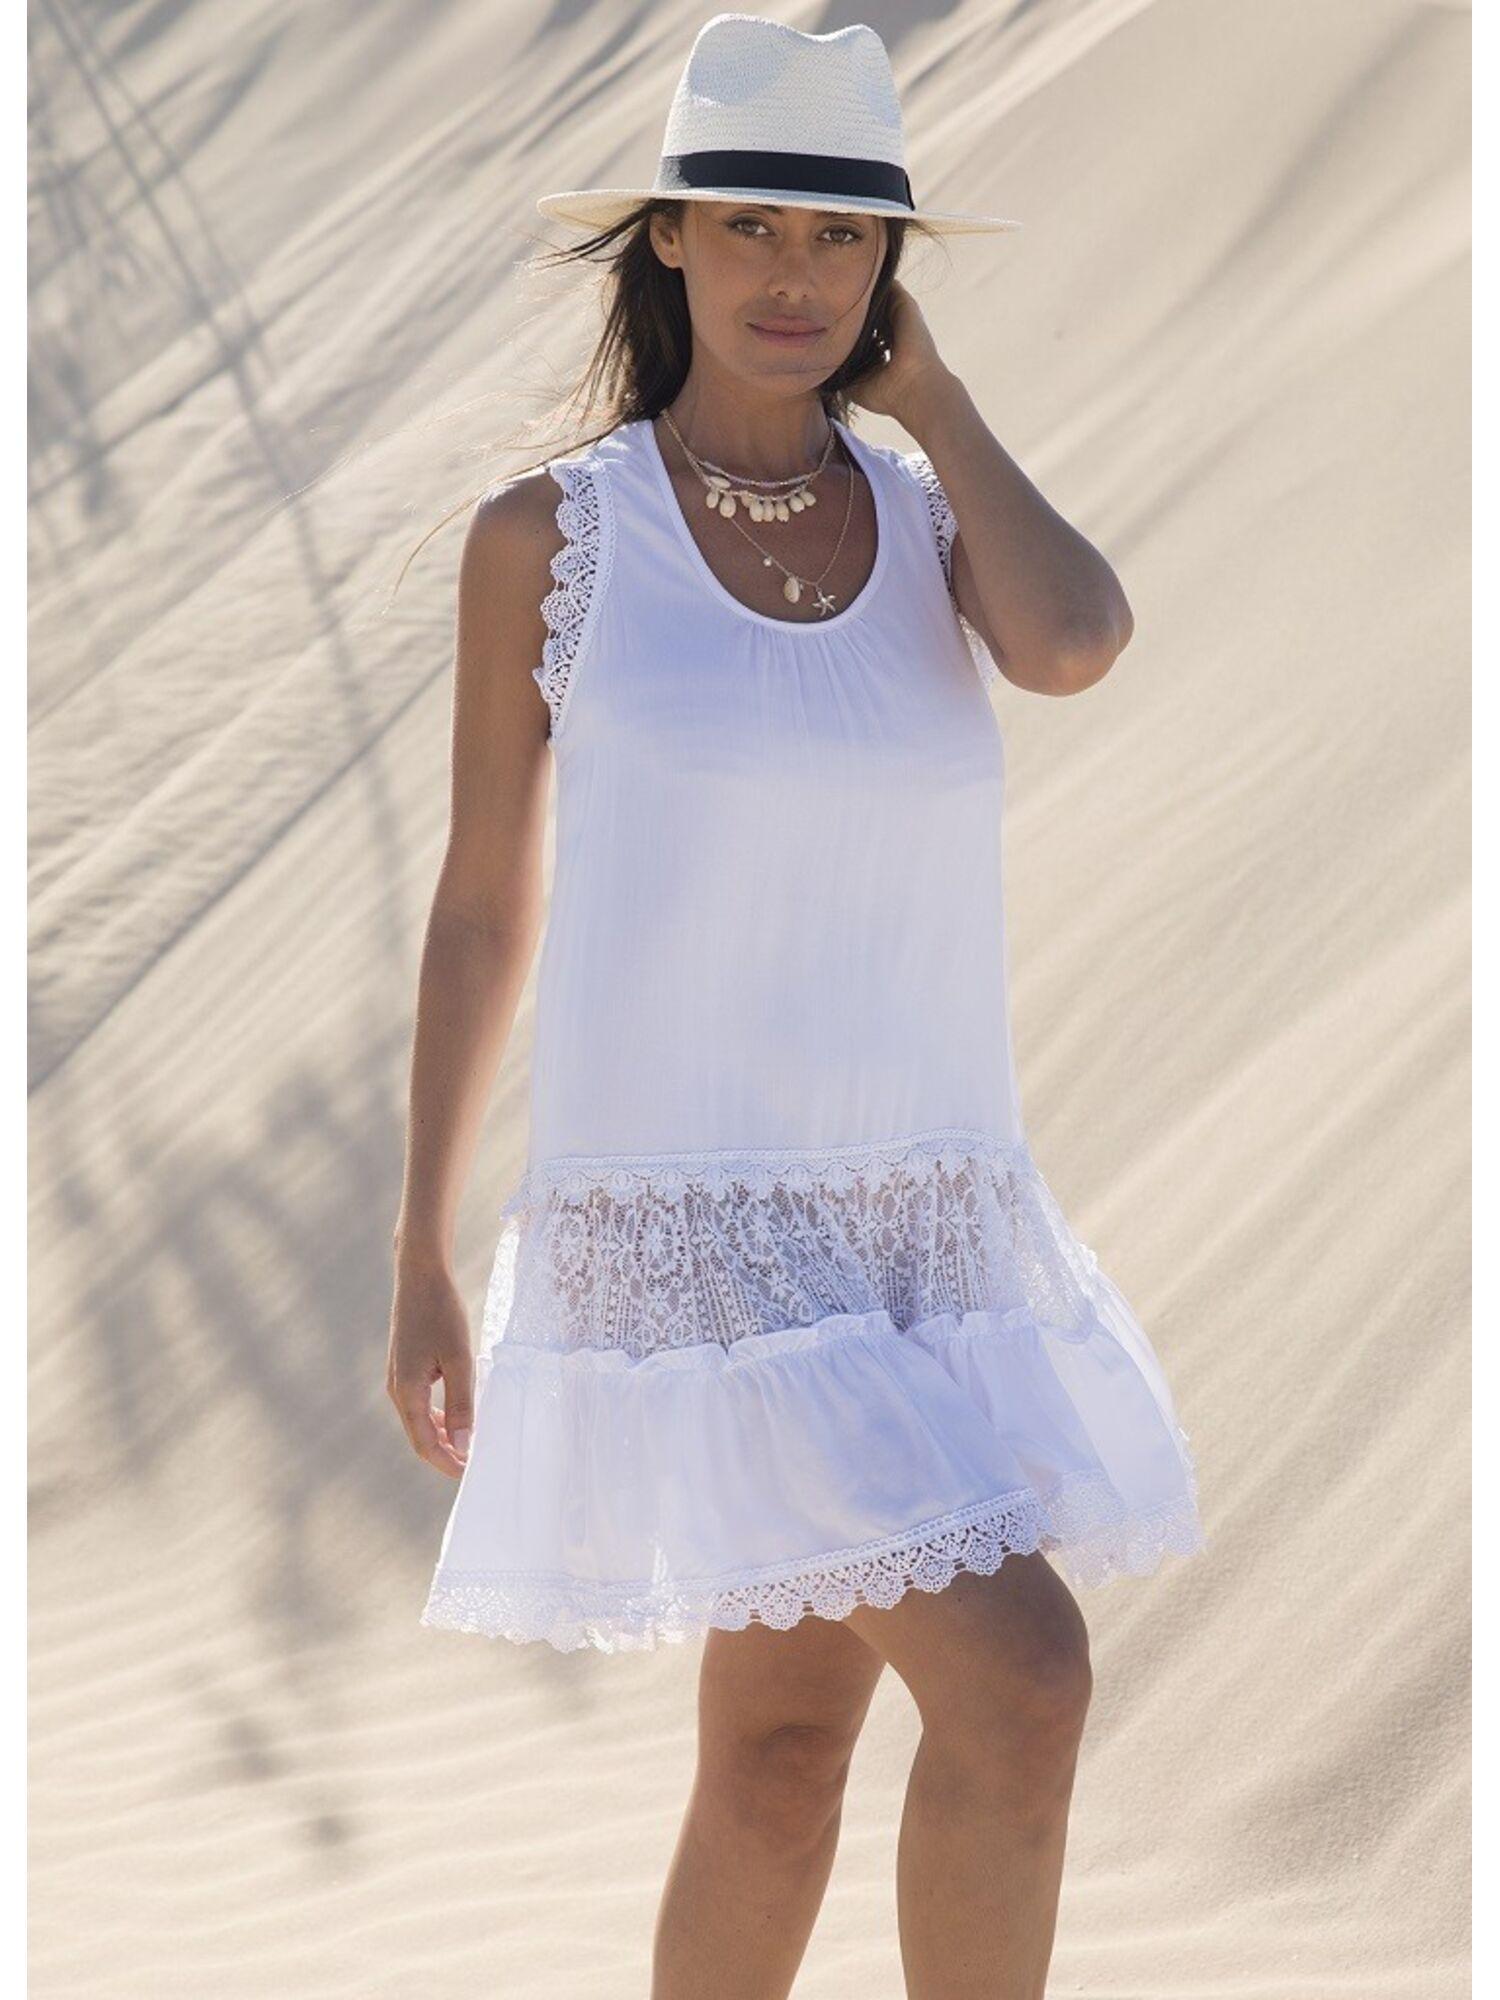 Женское платье пляжное из вискозы 85582 черный/белый, Ysabel Mora (Испания)